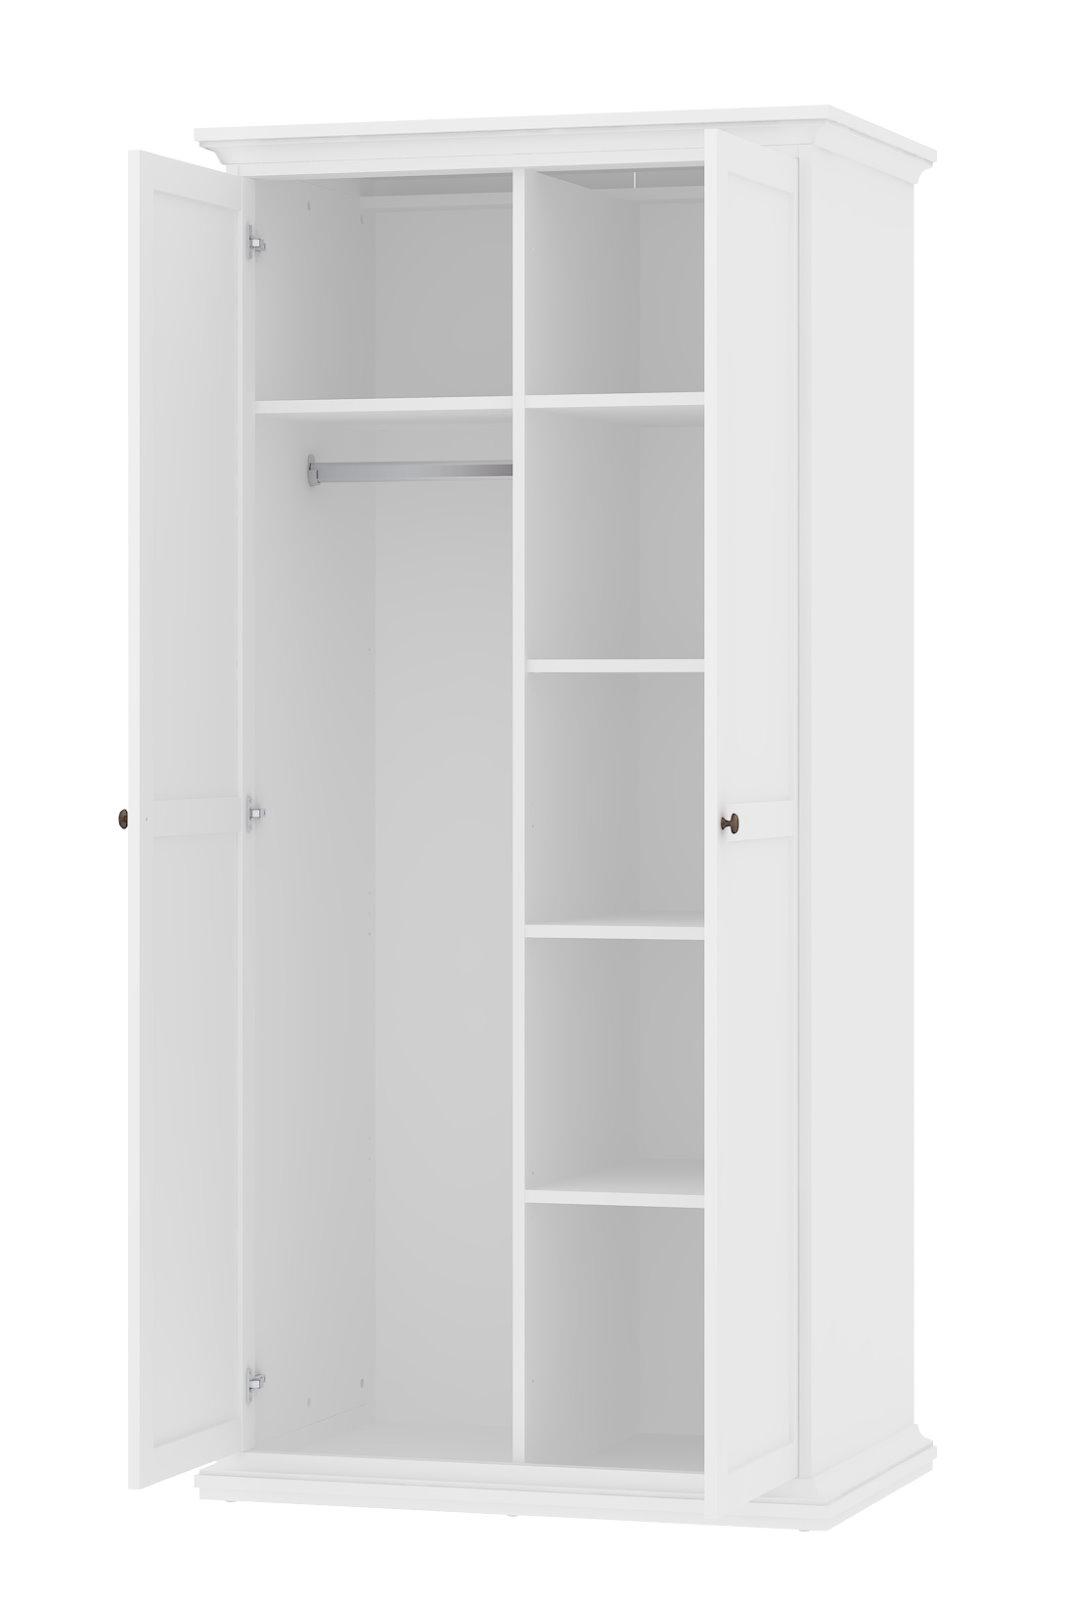 Kleiderschrank Paris Weiß Landhaus Schlafzimmerschrank Flügeltürenschrank Ow8nNPk0X